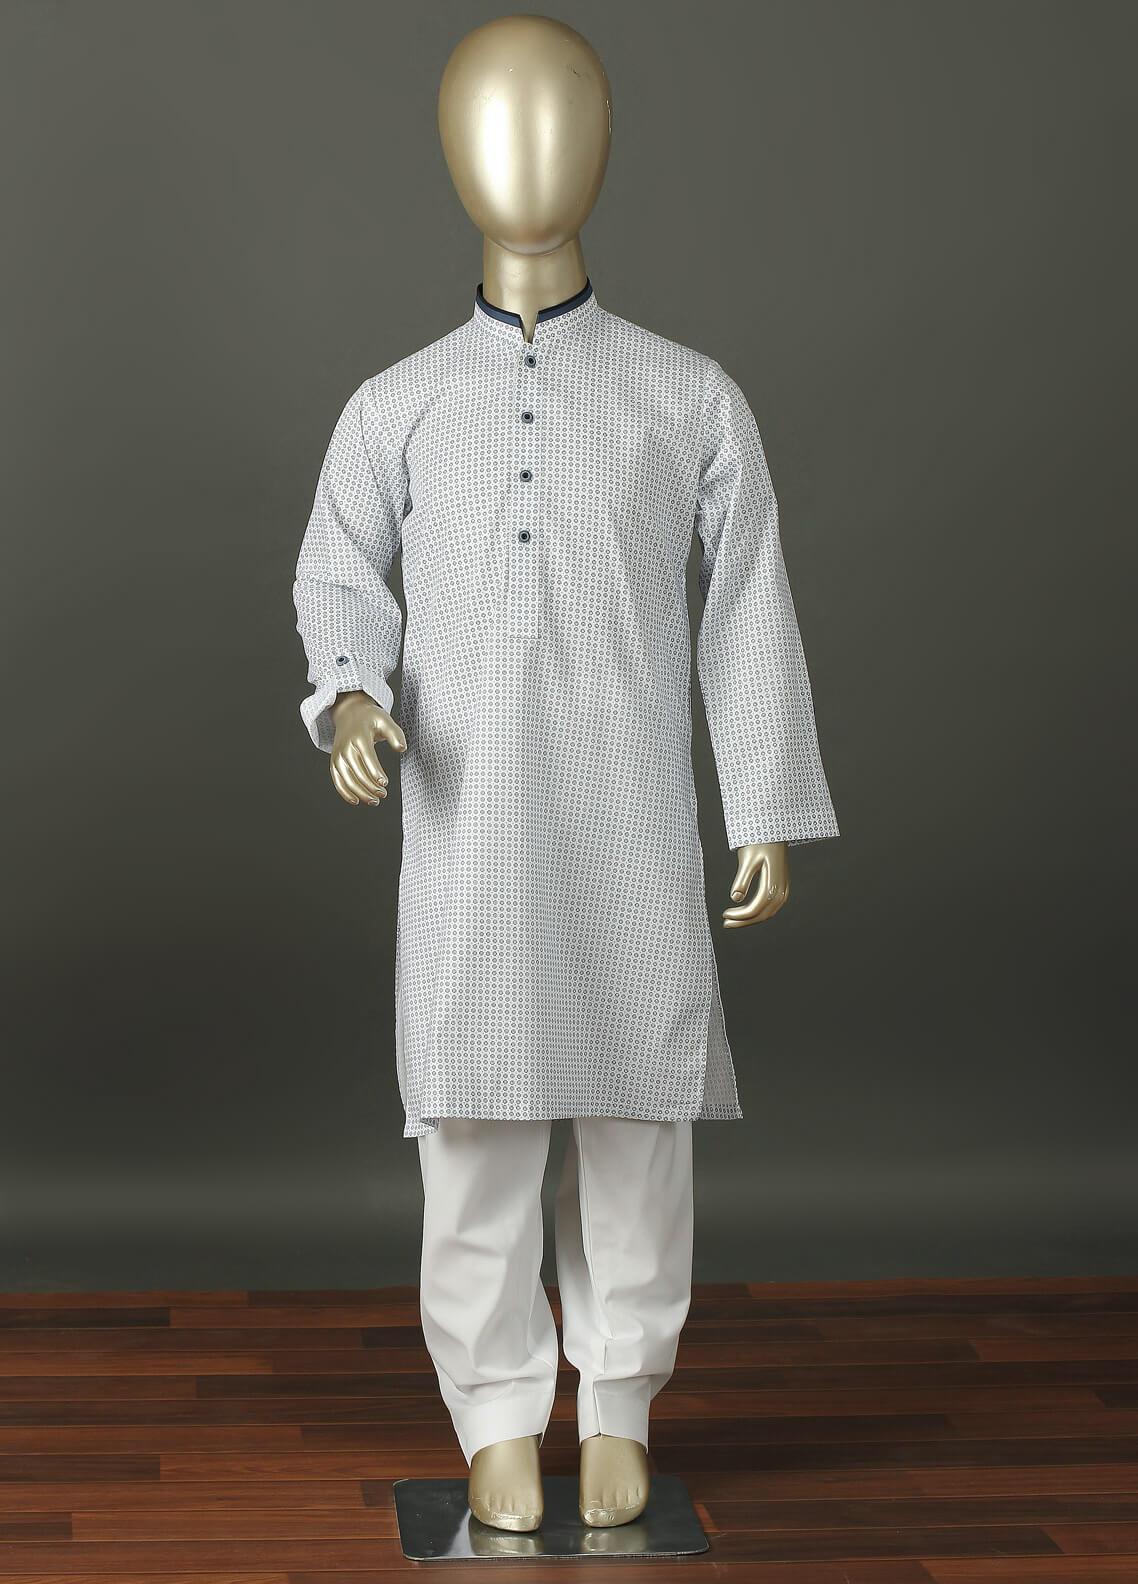 Aizaz Zafar Cotton Formal Kurta Shalwar for Boys -  220 White